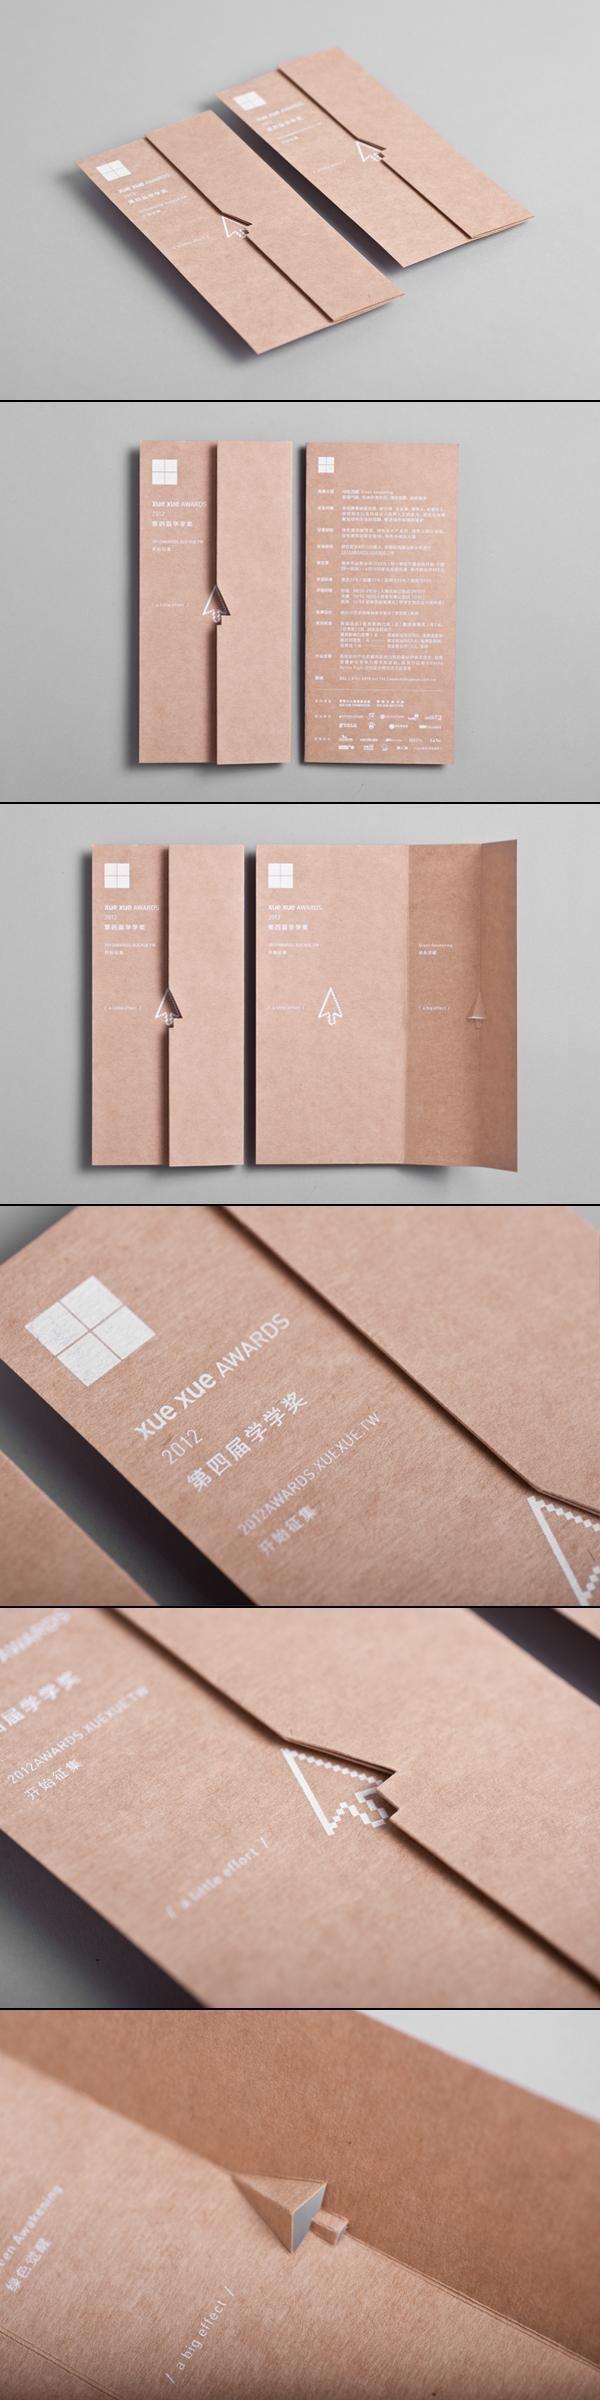 Materials / Xue Xue Awards 2012 — Designspiration